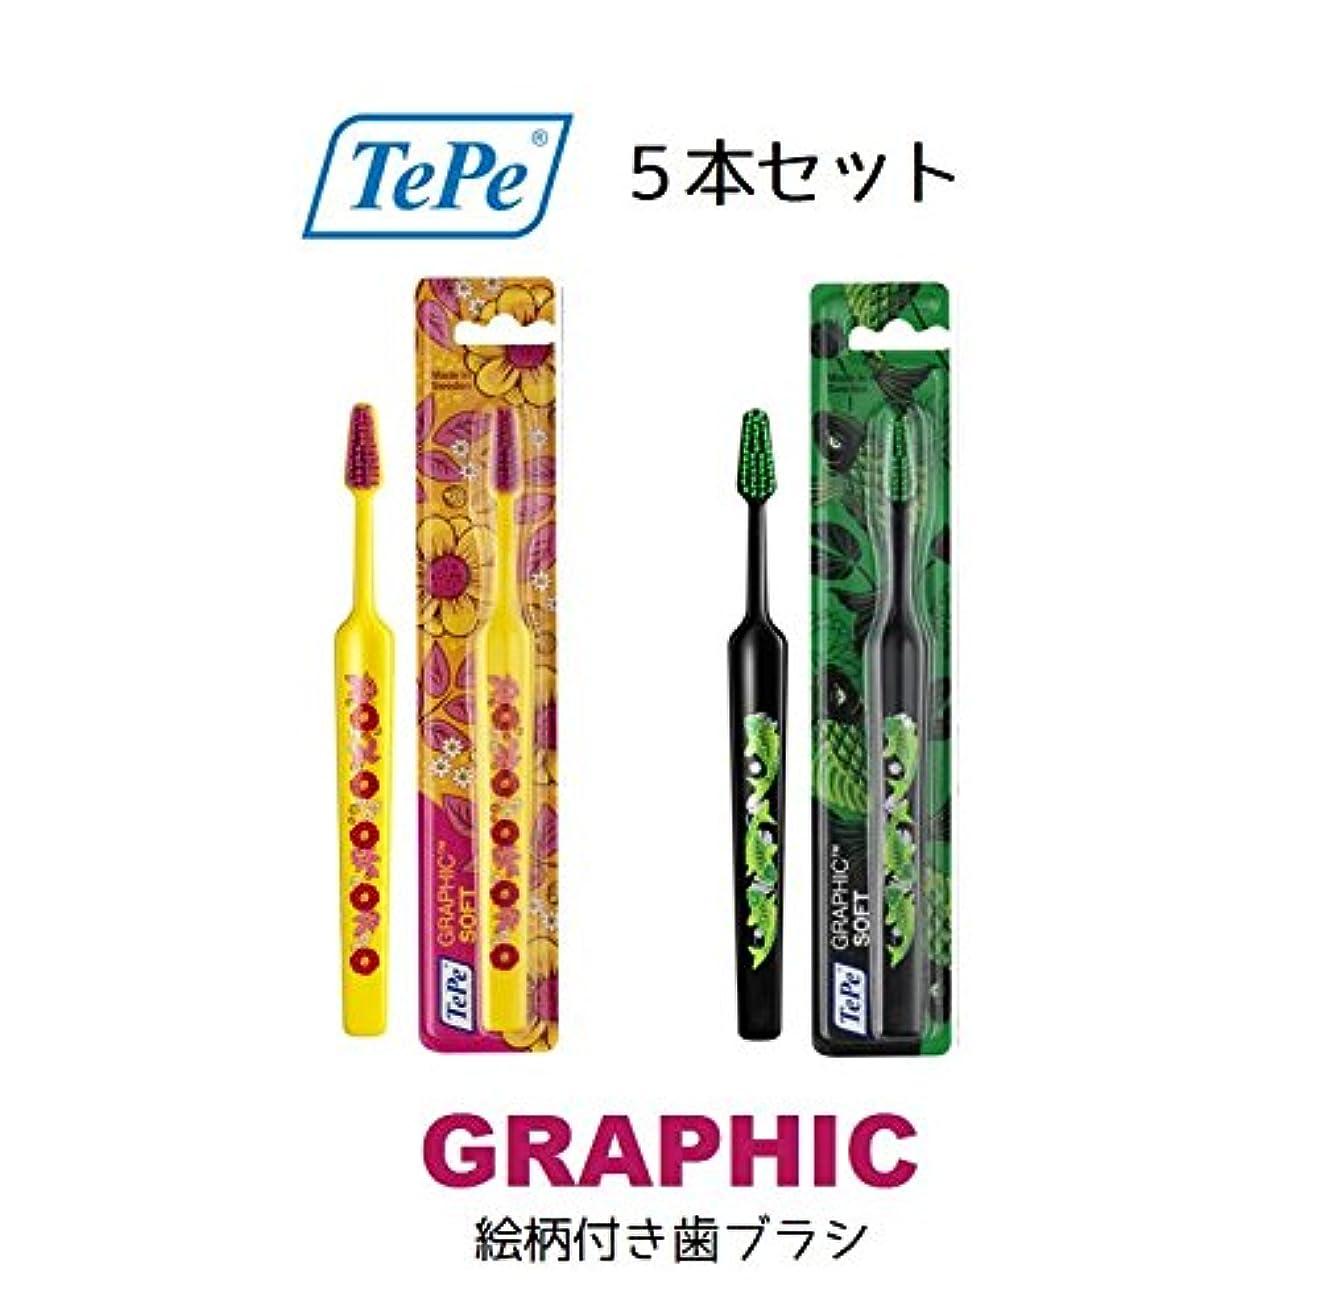 漫画ひどいテペ グラフィック ソフト 5本セット TePe Graphic soft (イエロー?ピンク)